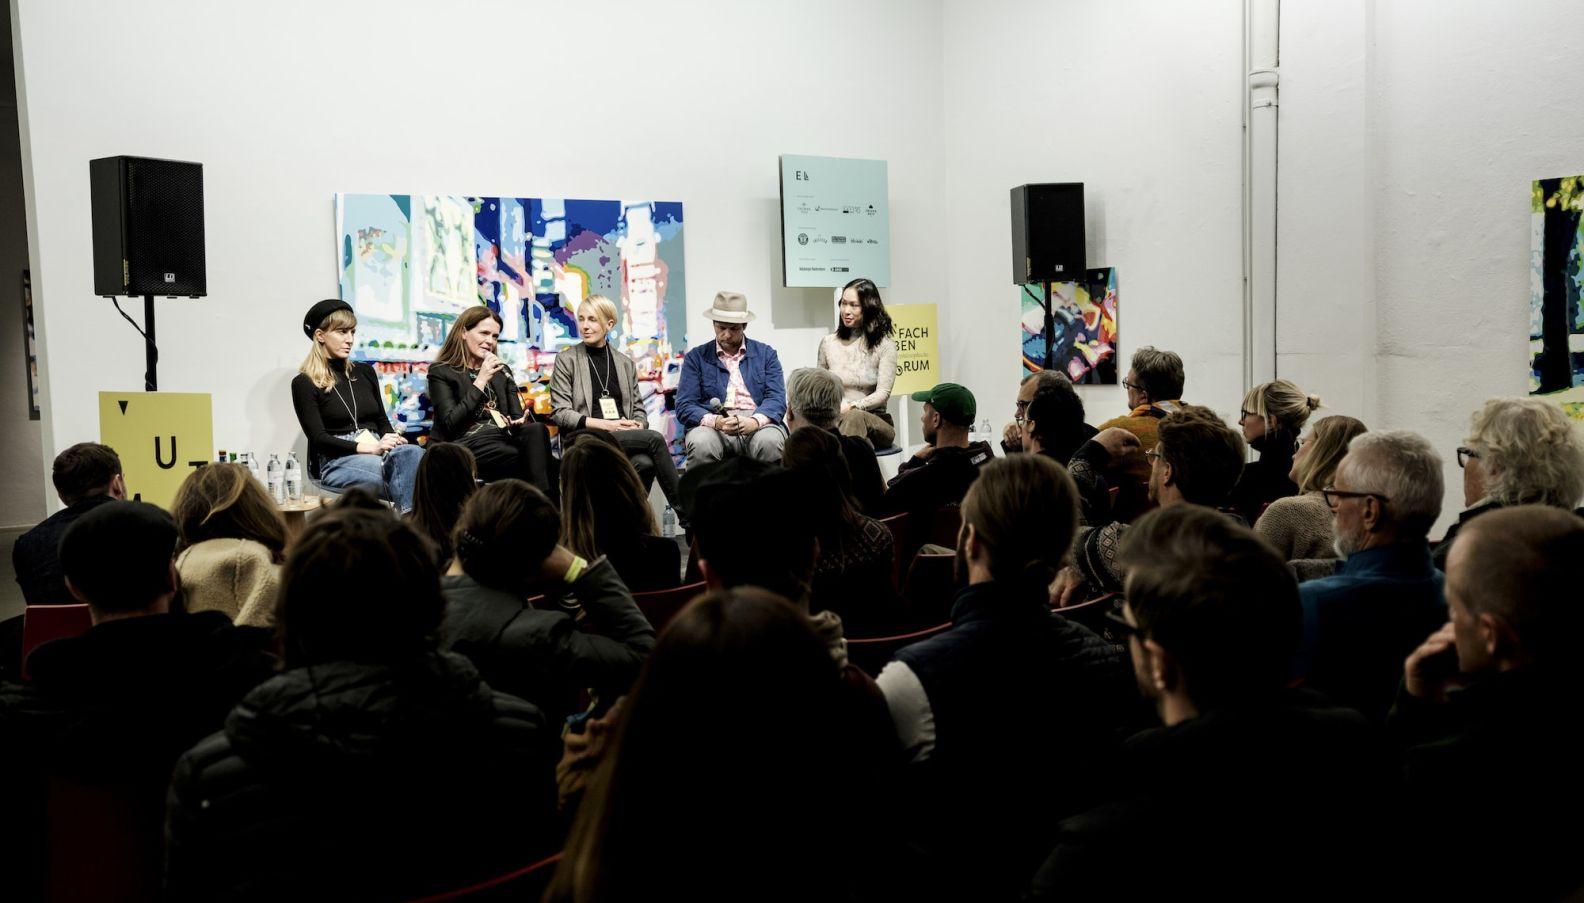 Einfach Leben - das gastrophilosophische Forum